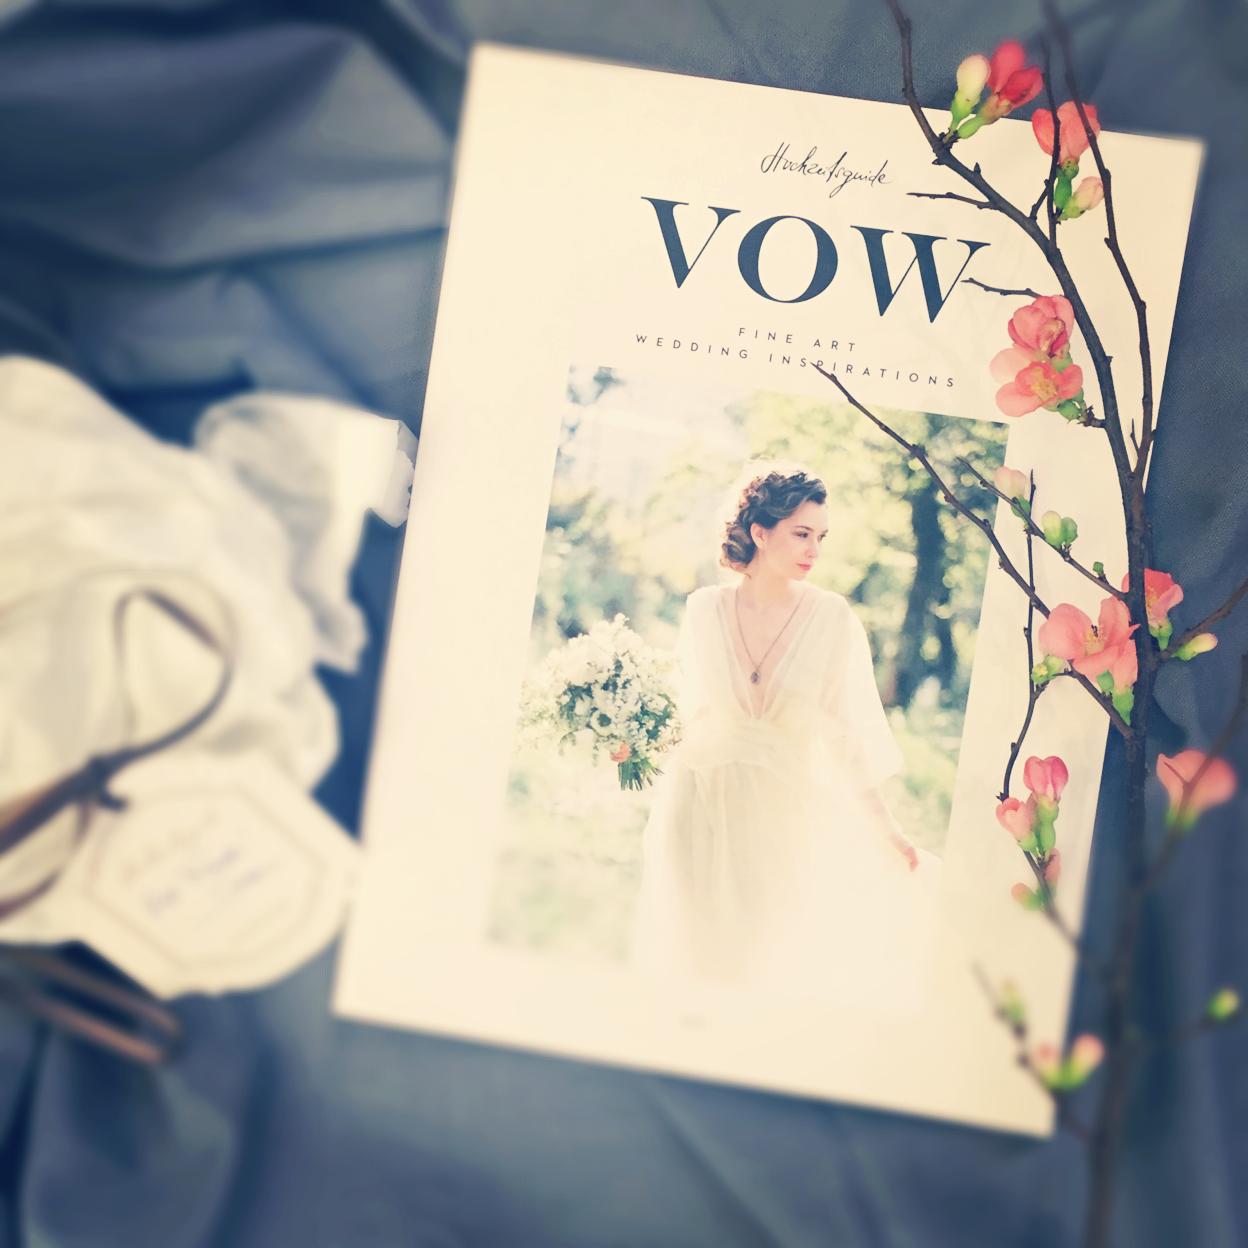 Hochzeitsguide VOW-Magazin Fine Art Wedding Inspirations